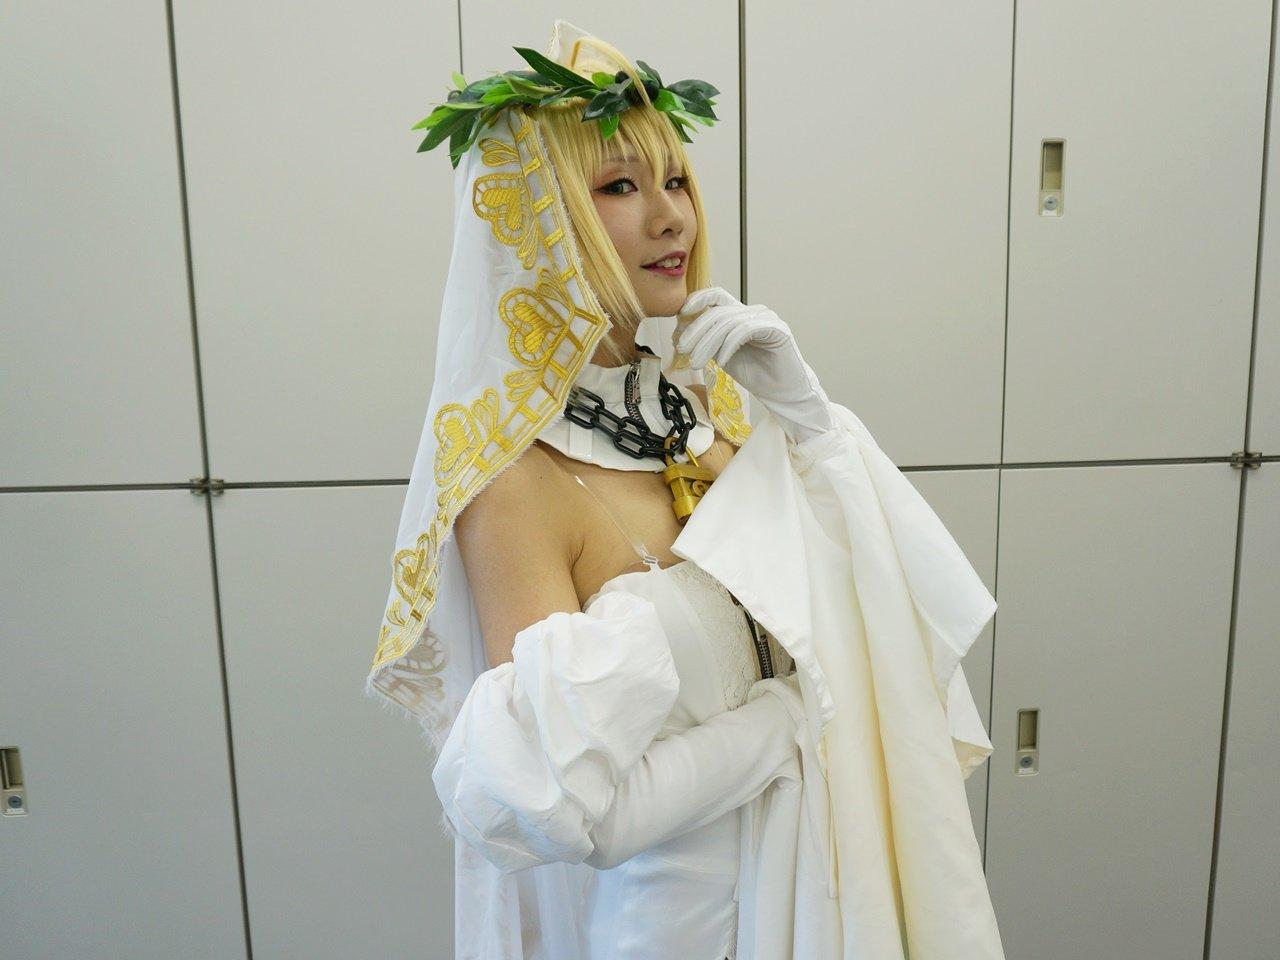 「30万課金したけど…」『FGO』武蔵ちゃん、嫁ネロ、スカサハら美女レイヤー座談会の画像008